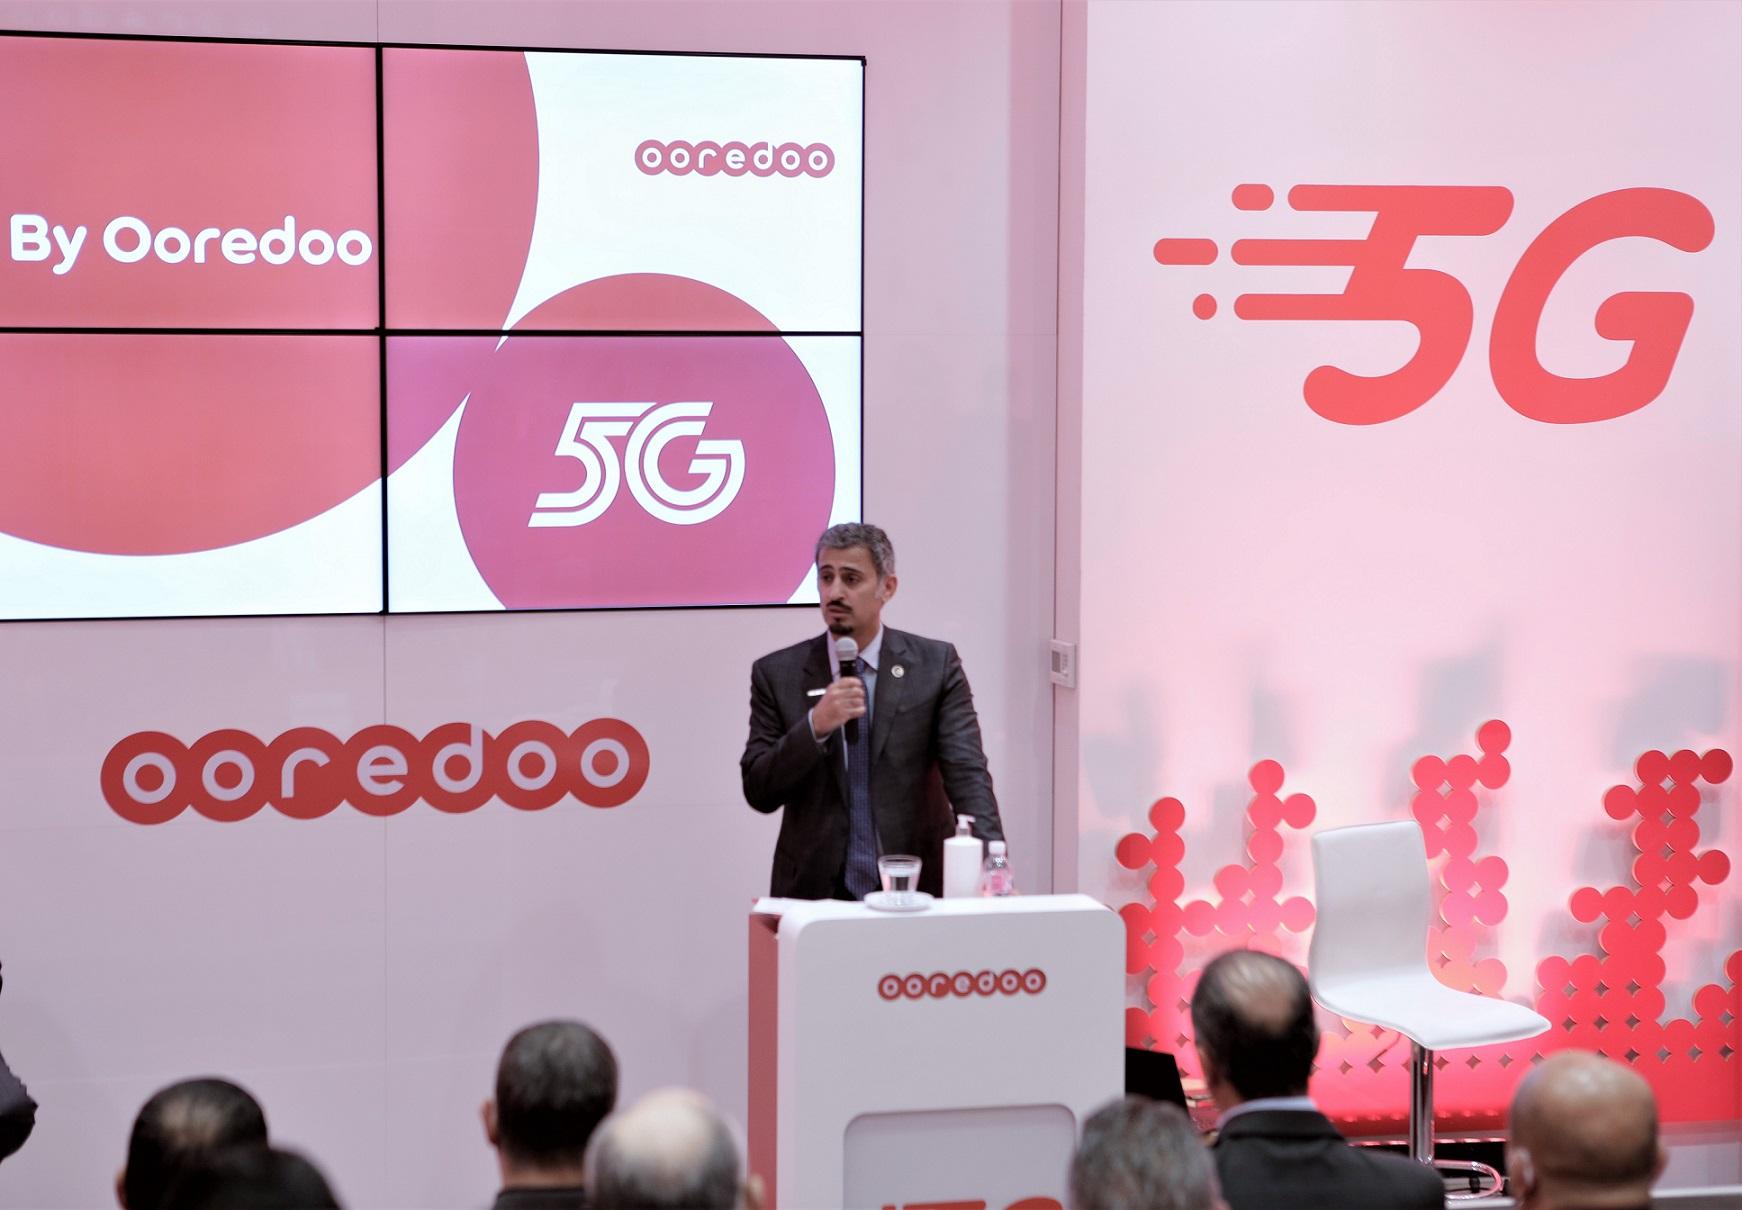 ستخلق ثورة في مجال الاتصالات: أوريدو تستعد لاطلاق 5G في تونس!!